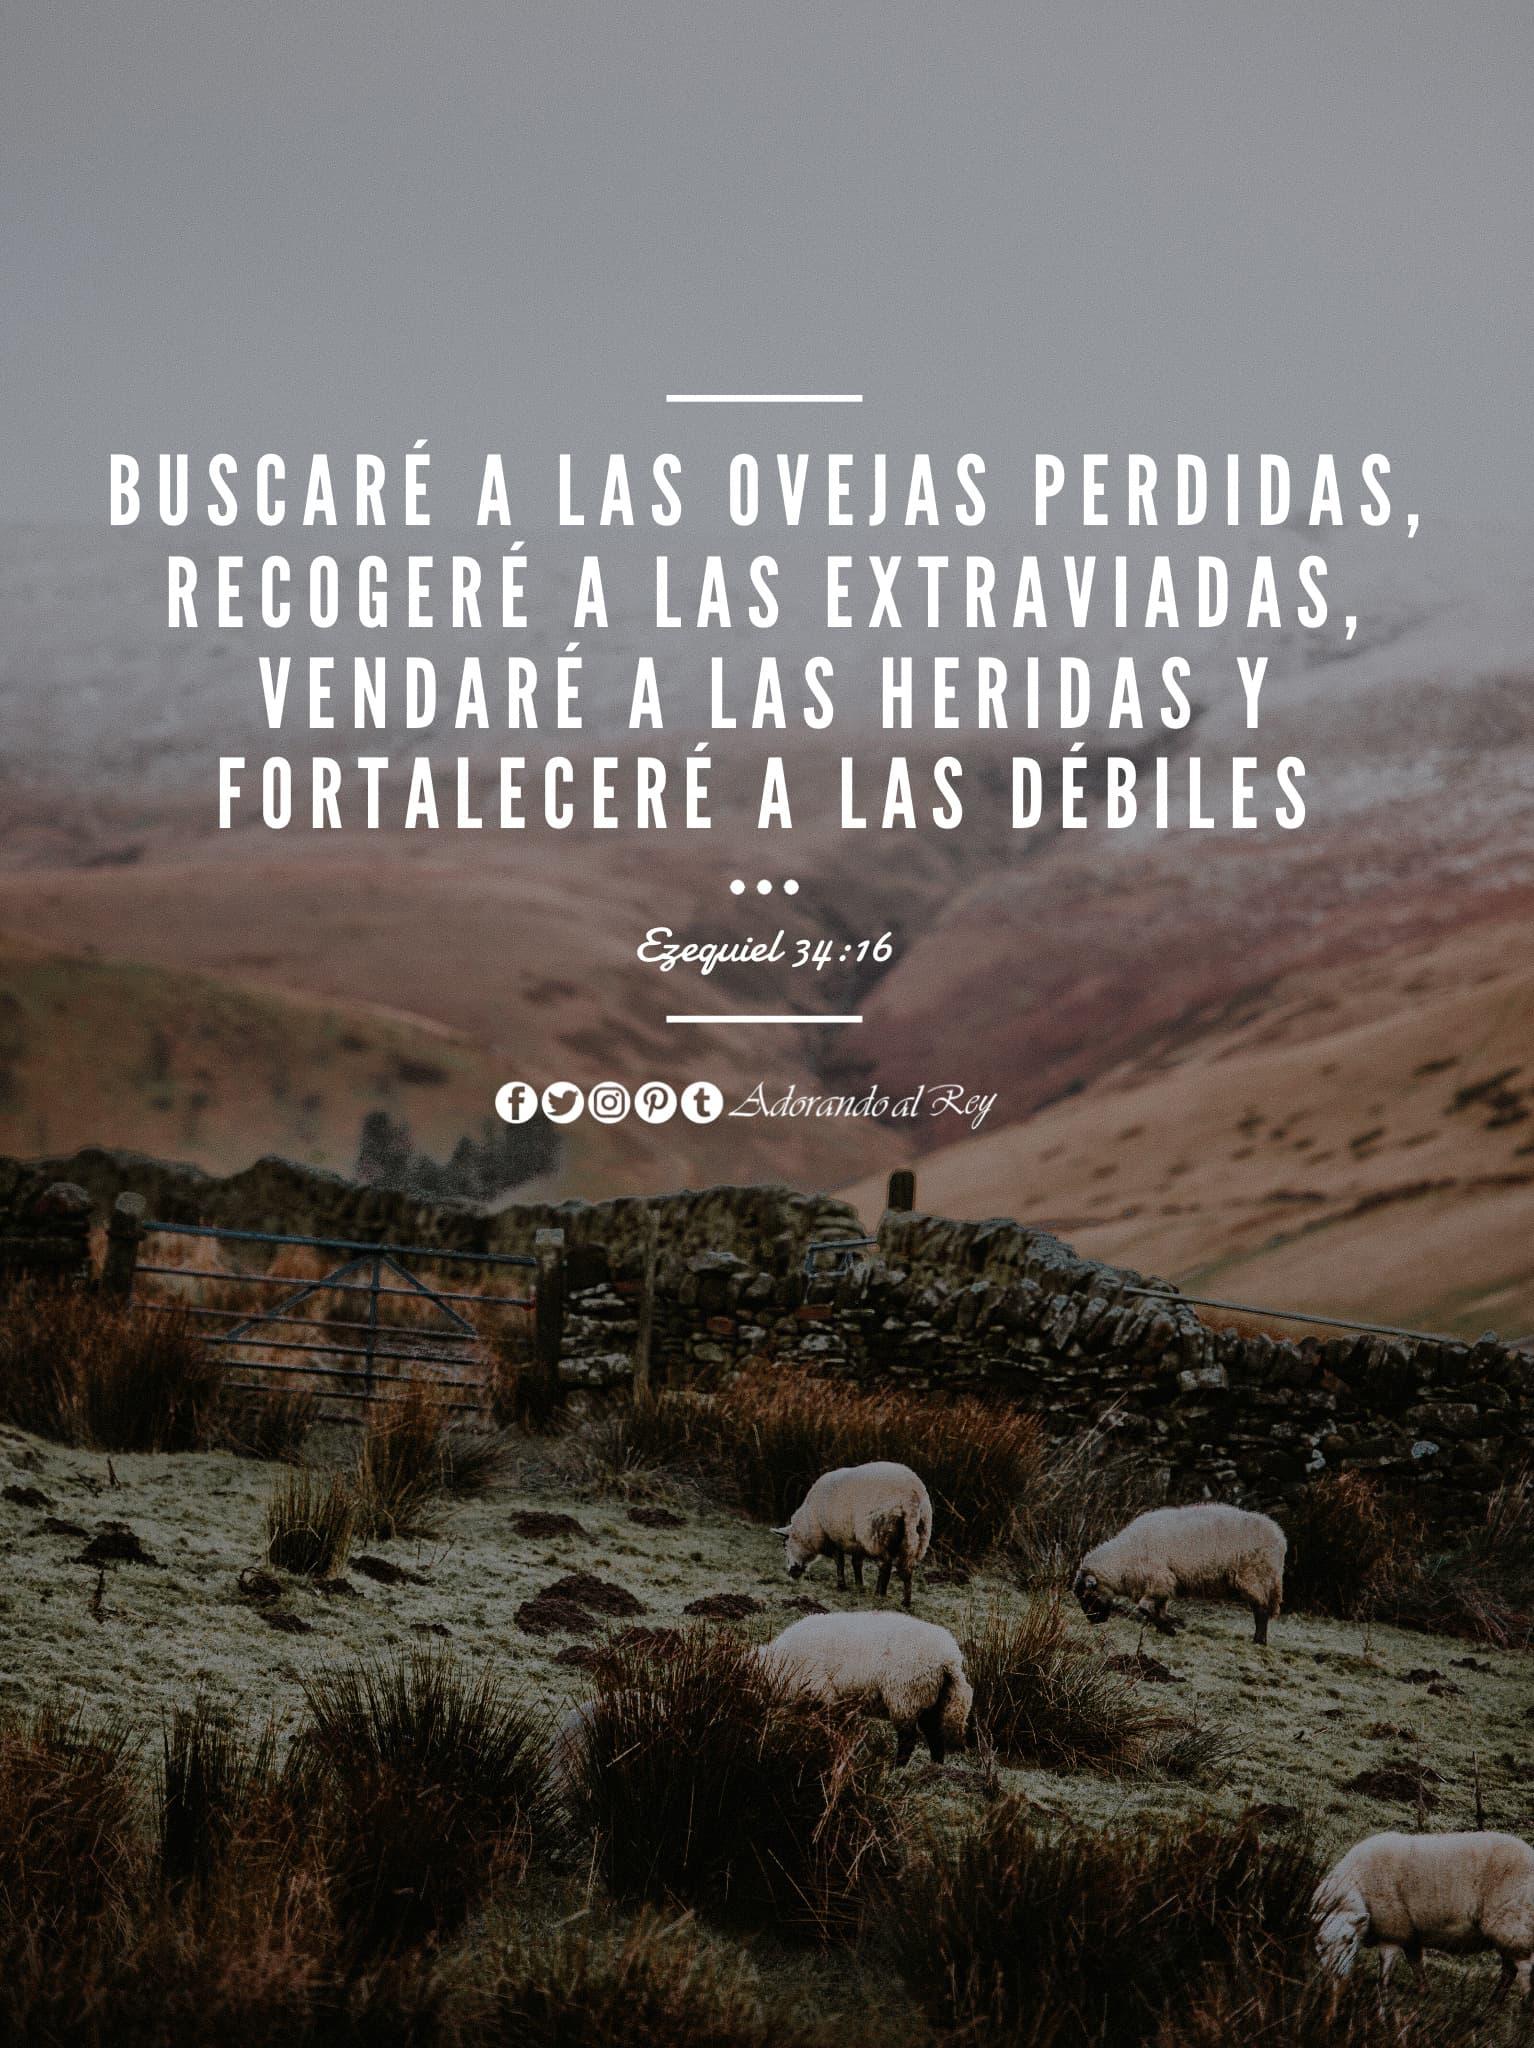 Ezequiel 34:16